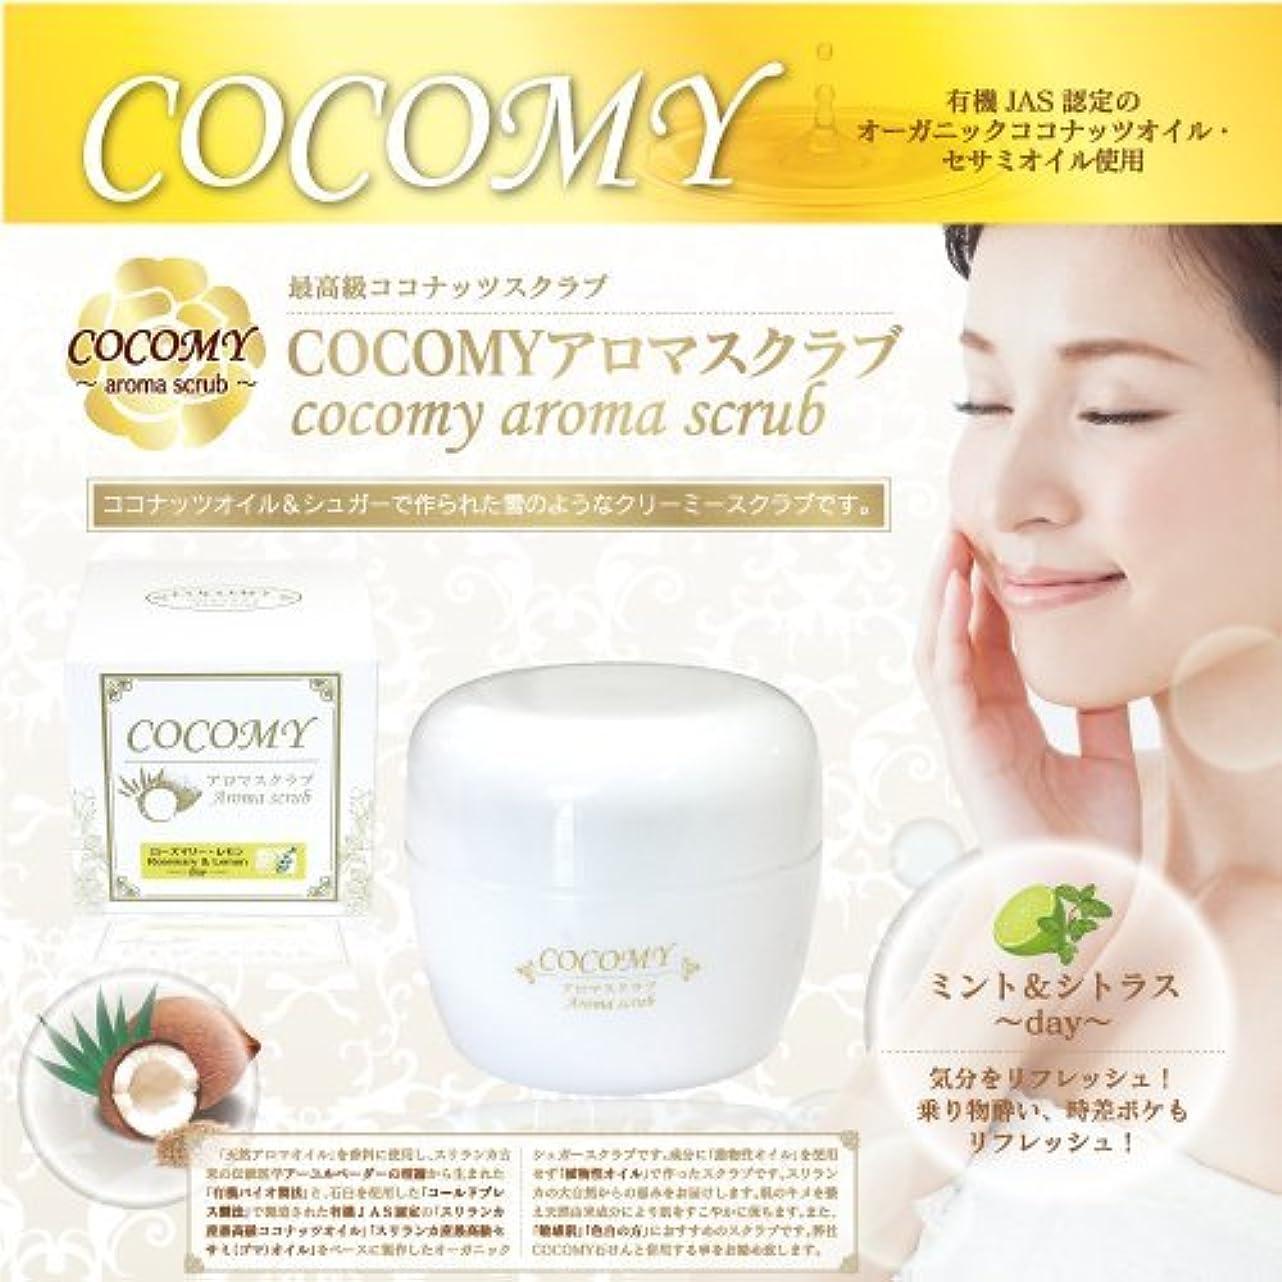 餌マトン国籍COCOMY aromaスクラブ (ミント&シトラス) 120g